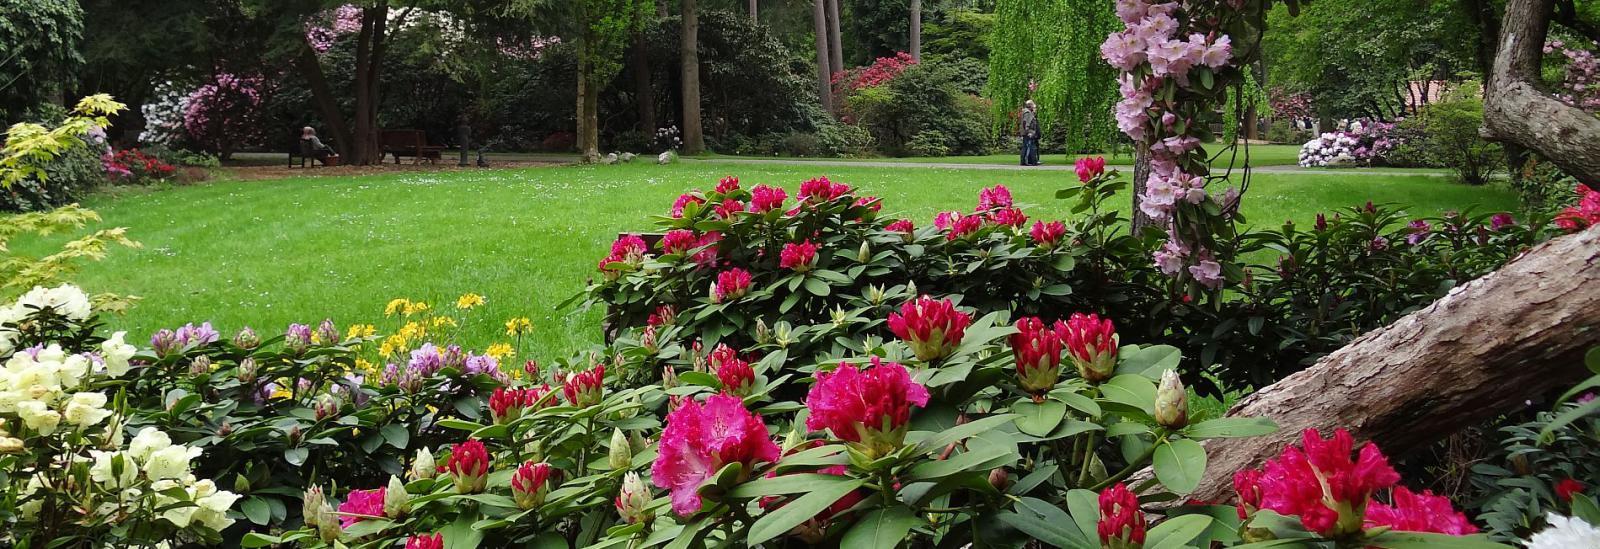 Rhodendronpark Westerstede